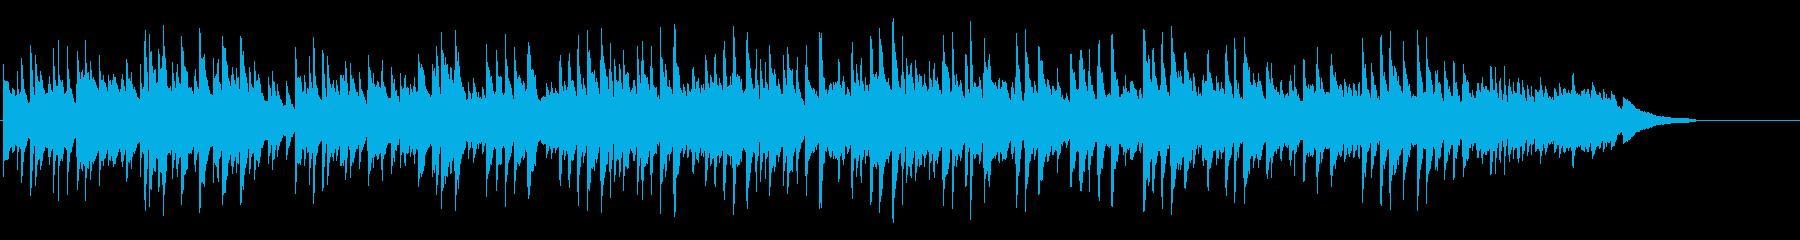 甘いブライダル向けピアノポップバラードの再生済みの波形